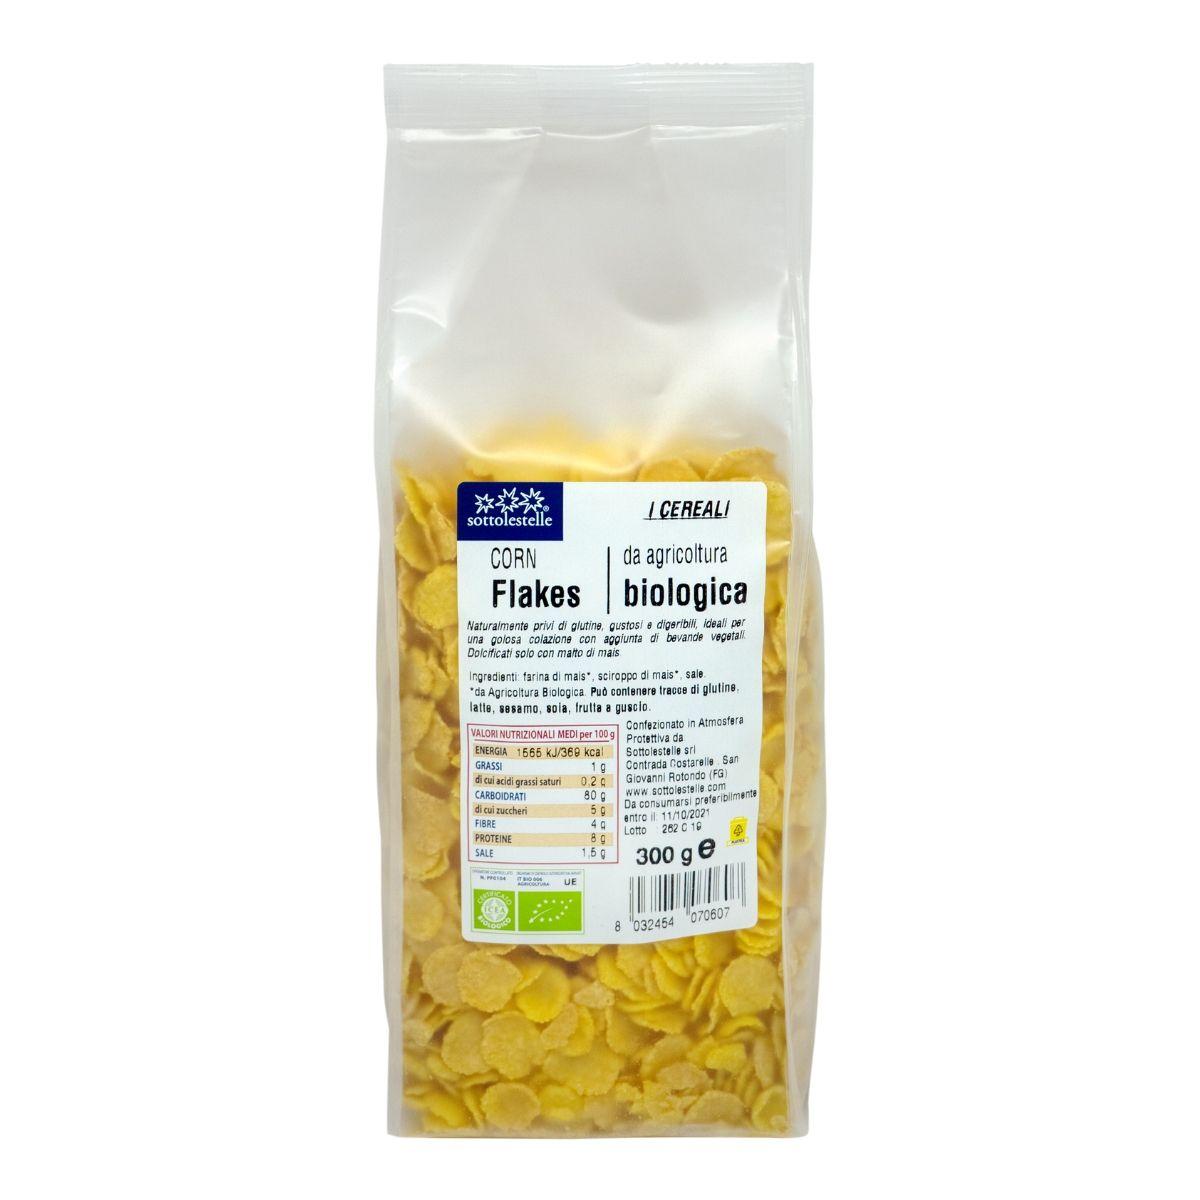 8032454070607 C Ngũ cốc hữu cơ bắp ngô cán dẹp Sotto 300g - Corn Flakes